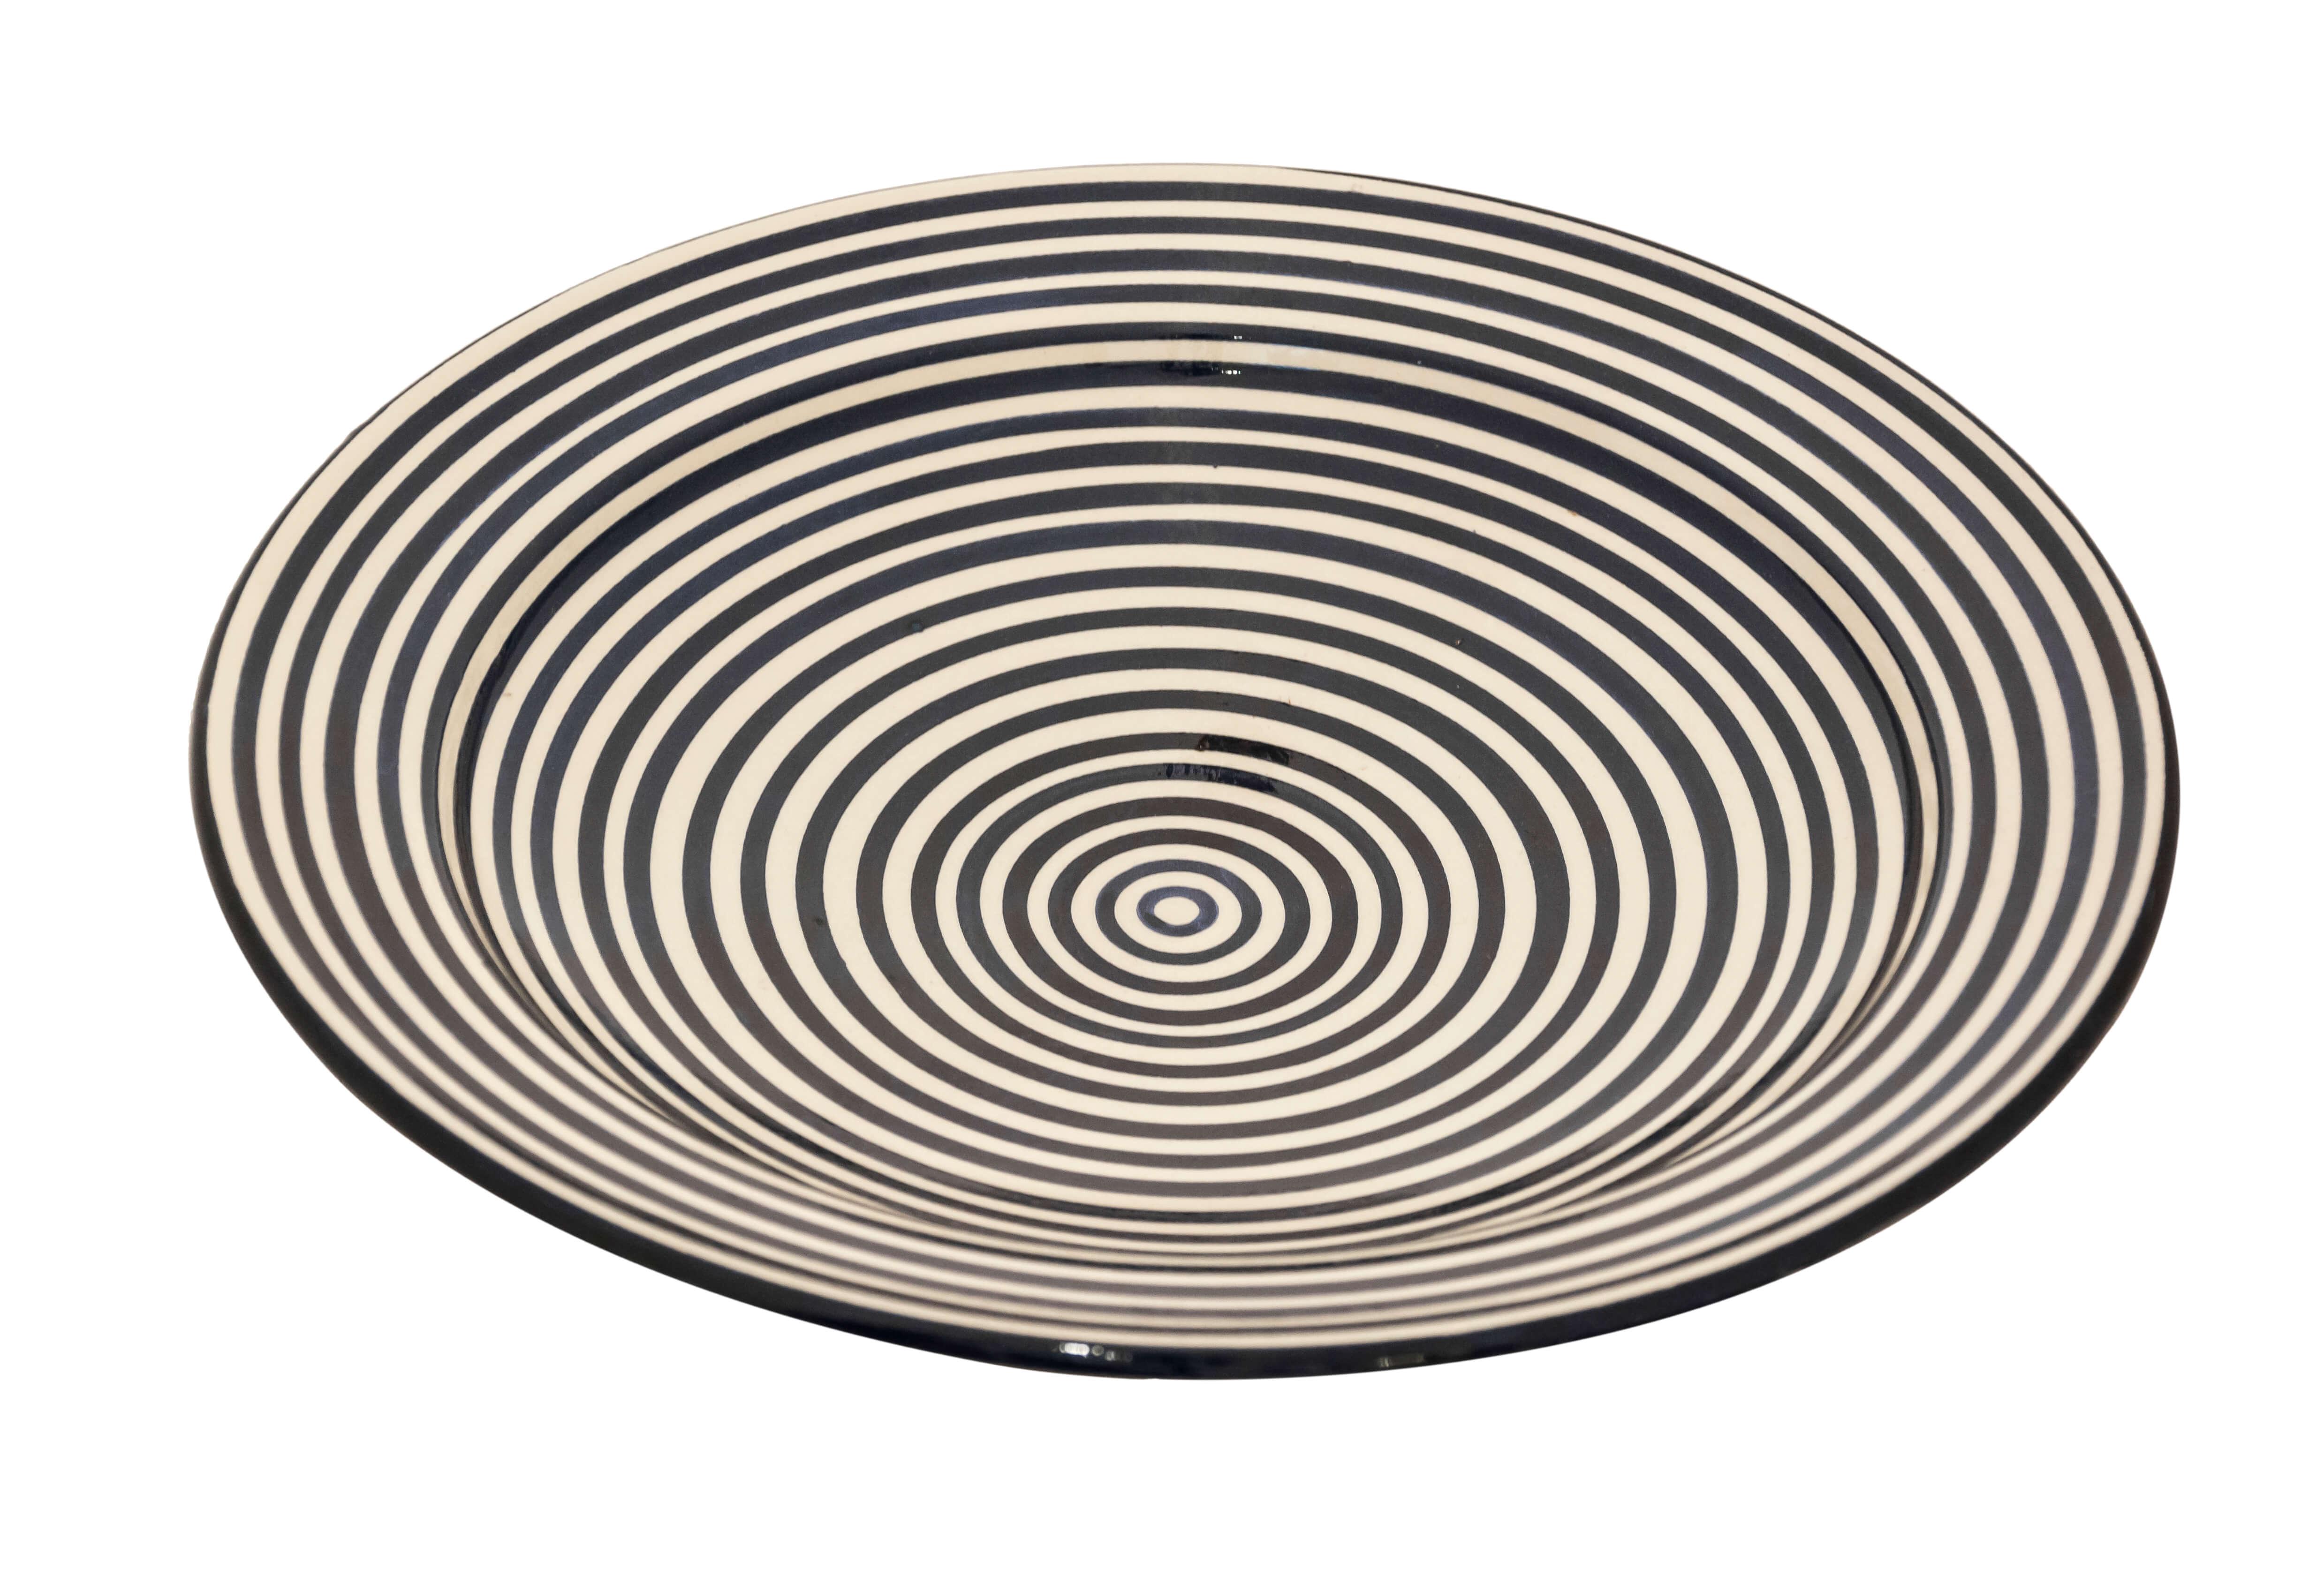 Plato en cerámica Marroquí diseño espiral negro-35 Cm